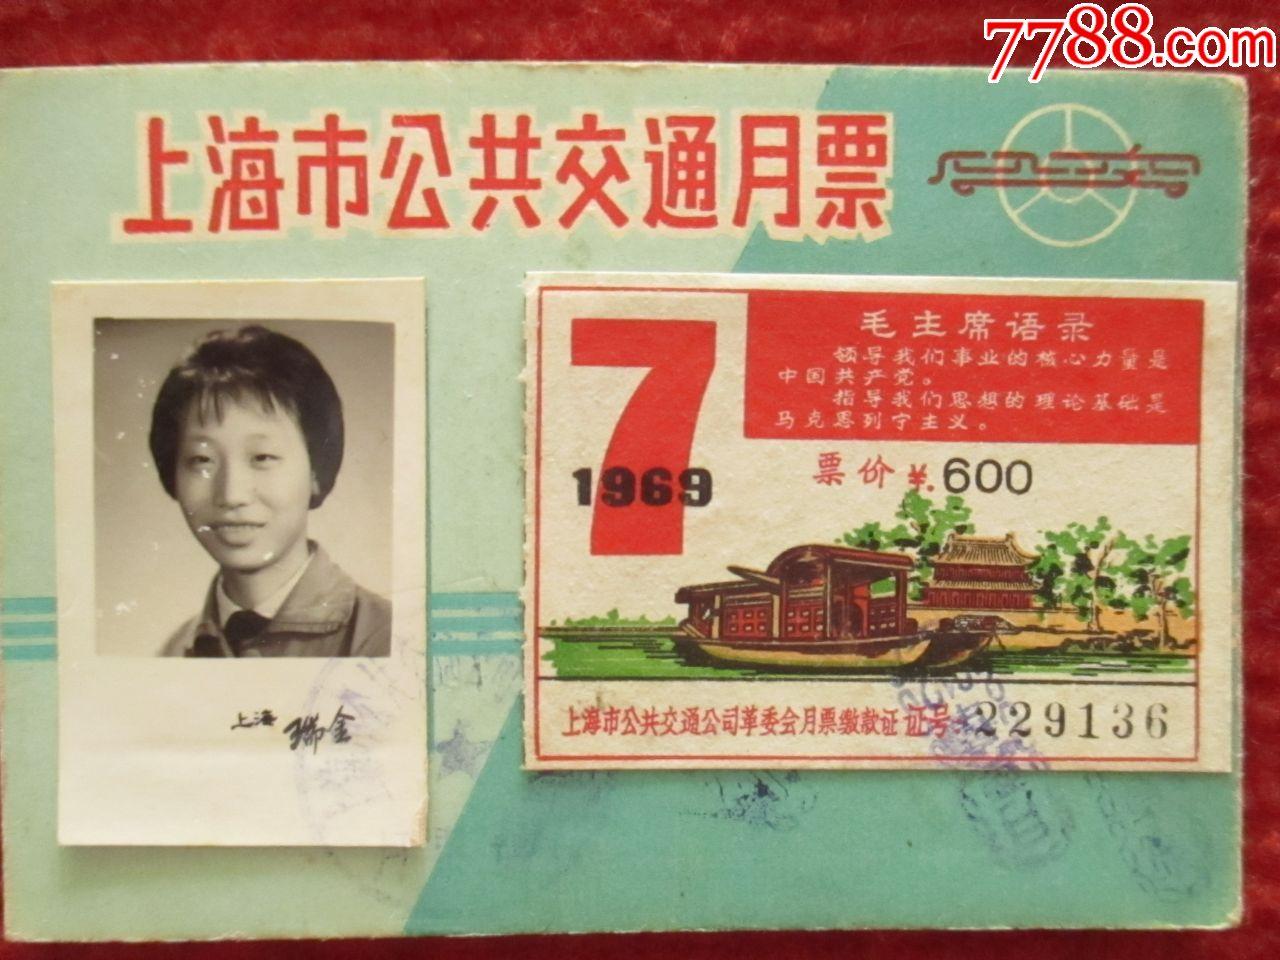 1969年上海市公共交通公司月票卡(7-8月)两枚带照片为同一人_第3张_